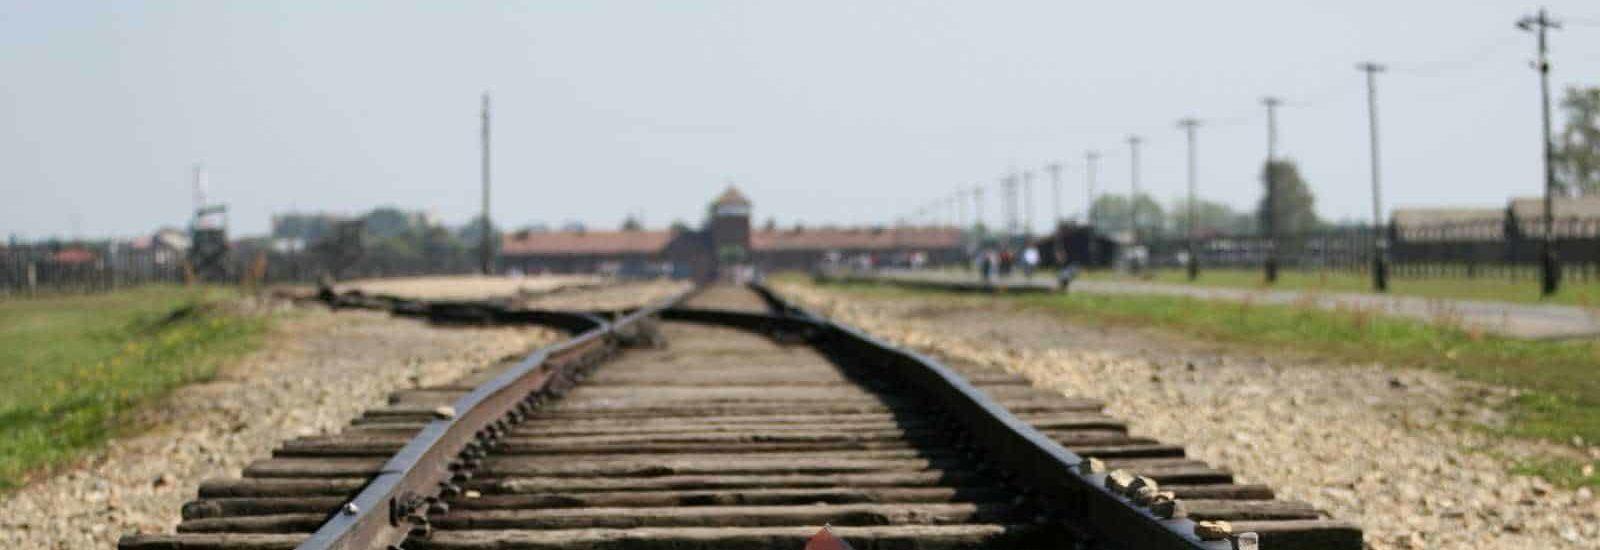 tory podczas wycieczki z Krakowa po Auschwitz